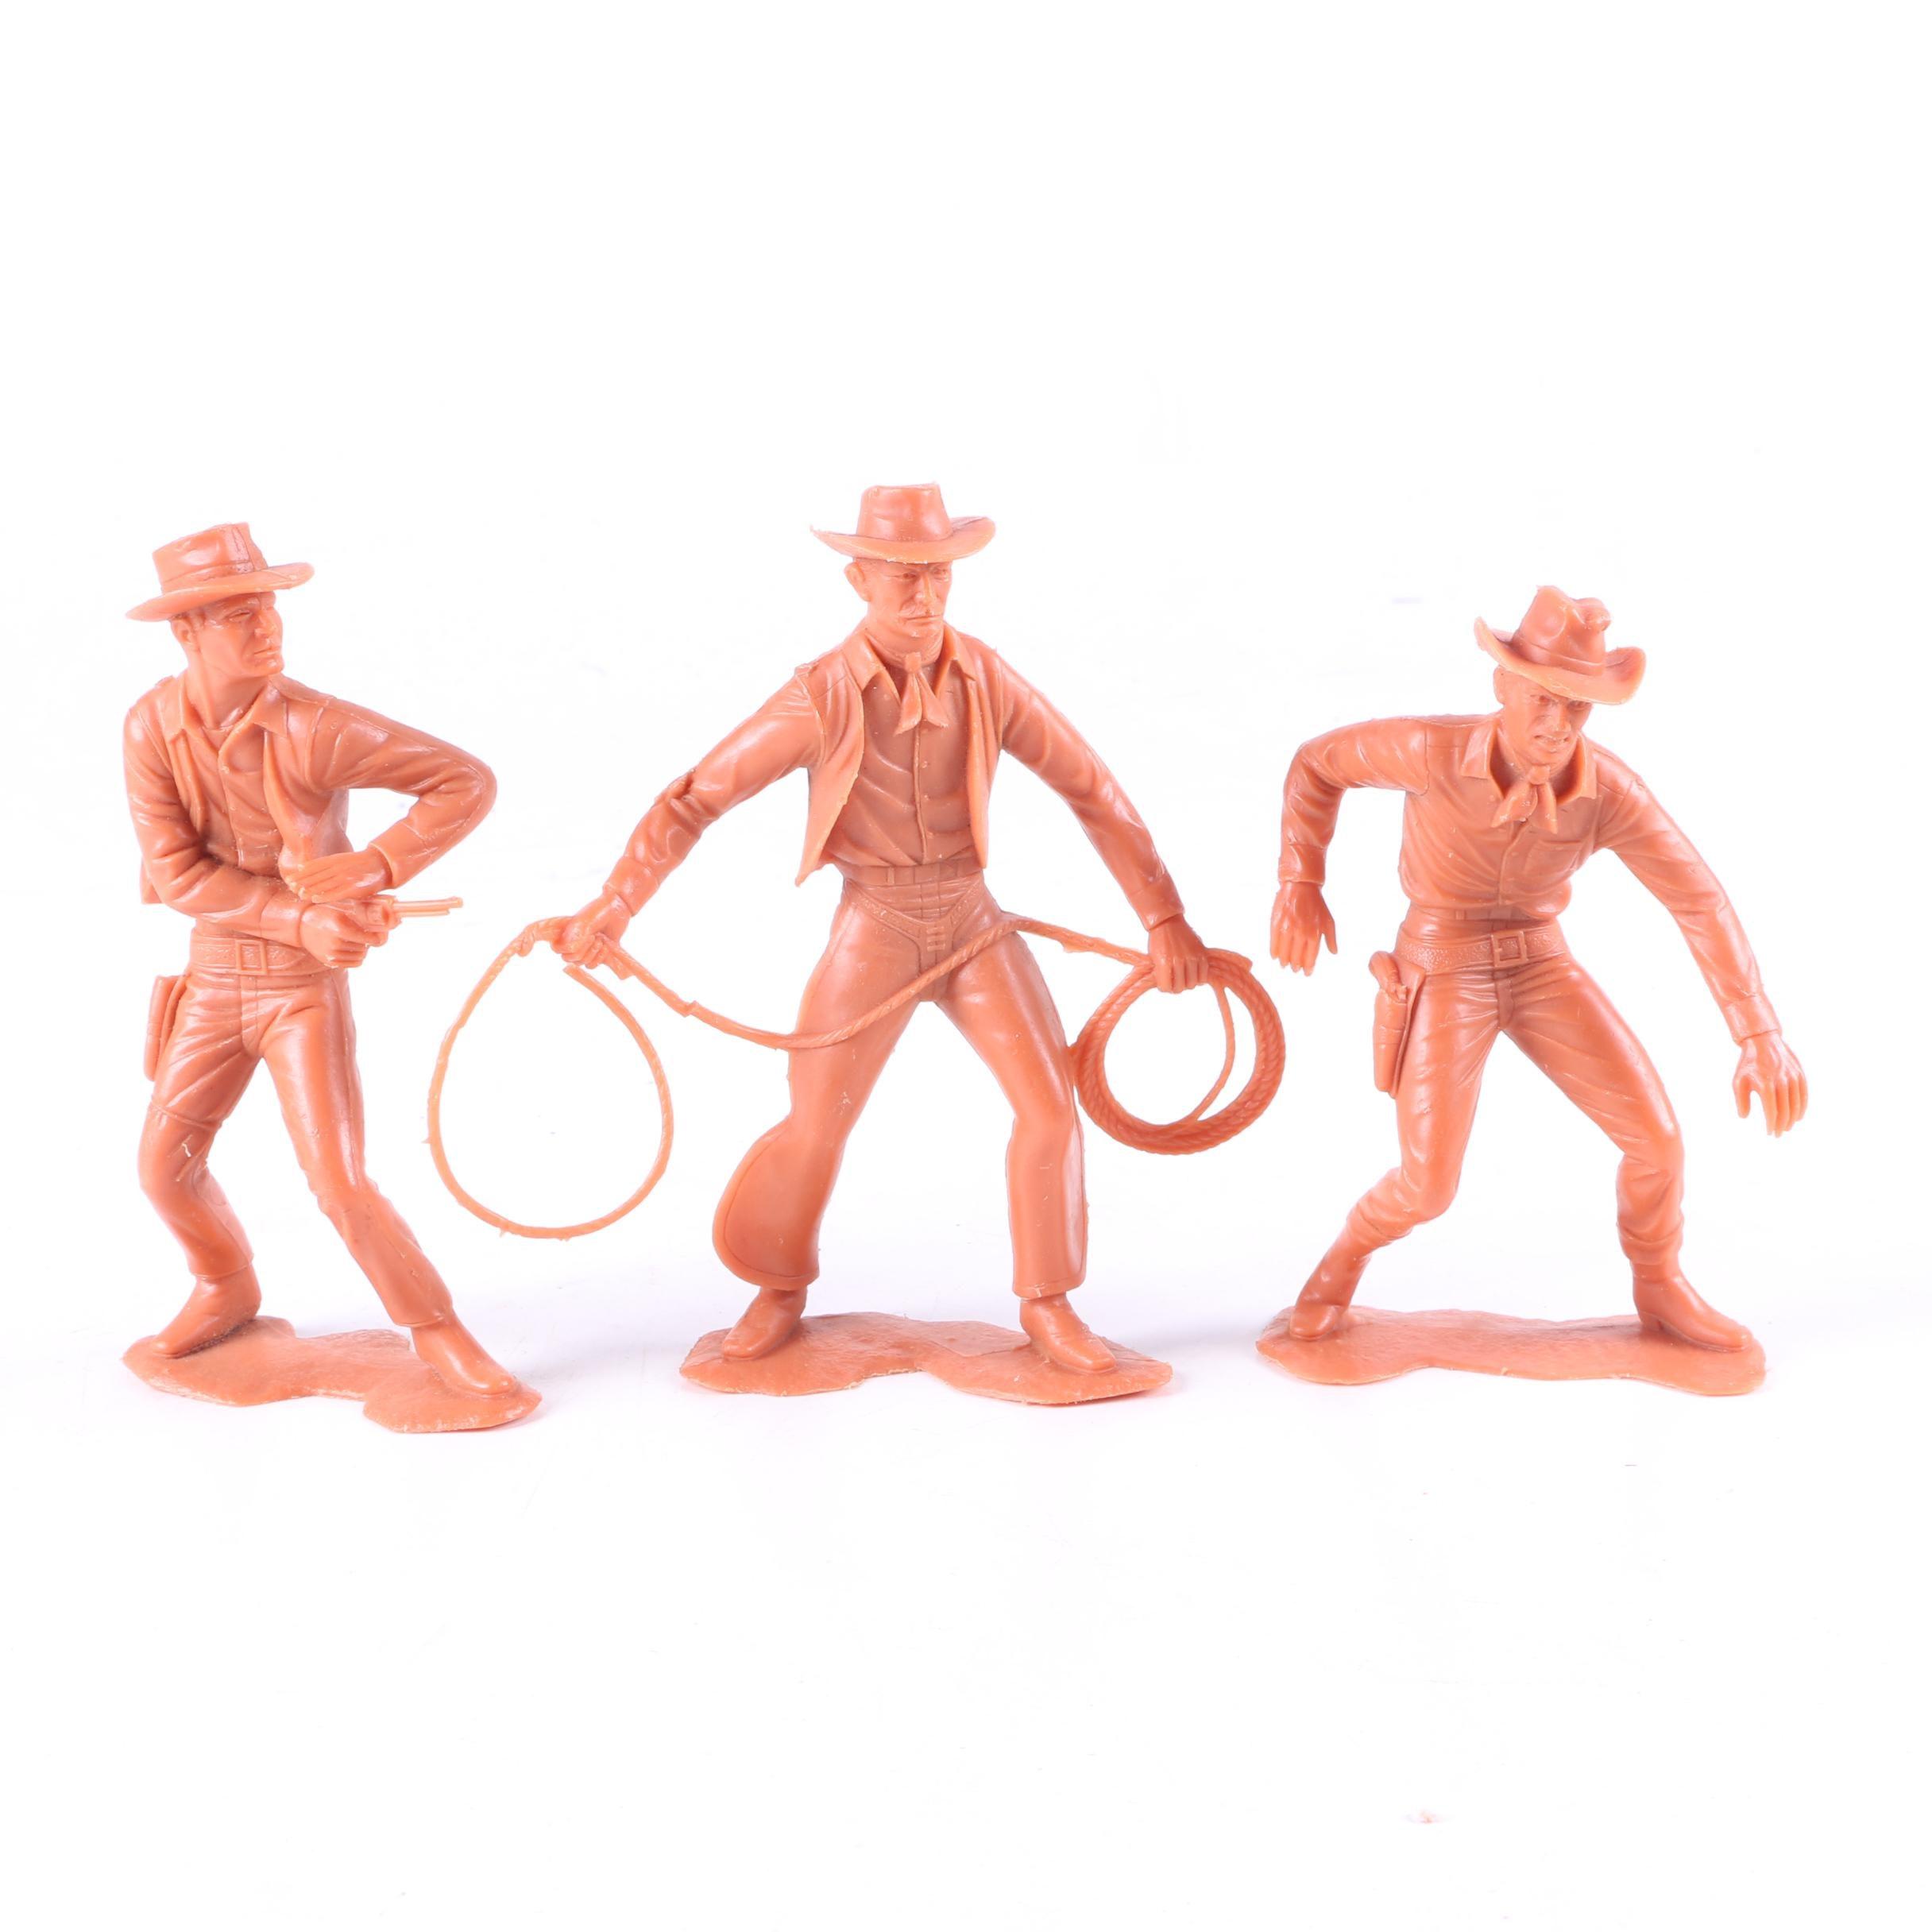 1964 Louis Marx & Co. Cowboy Figurines